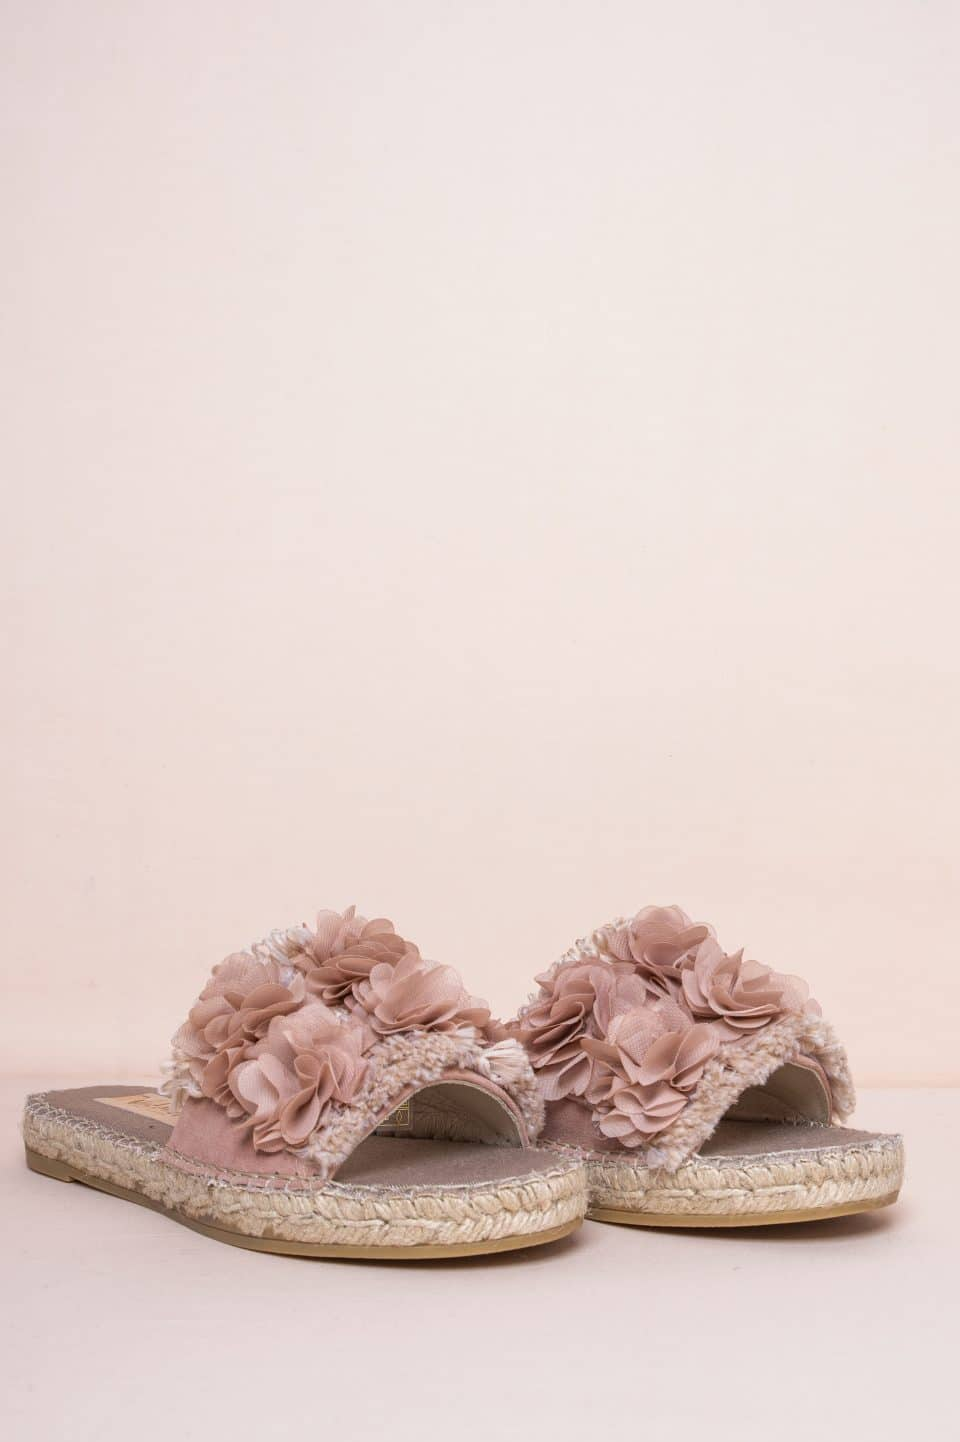 Pinqui Ante Nude Alpargatas en Loyna Shoes